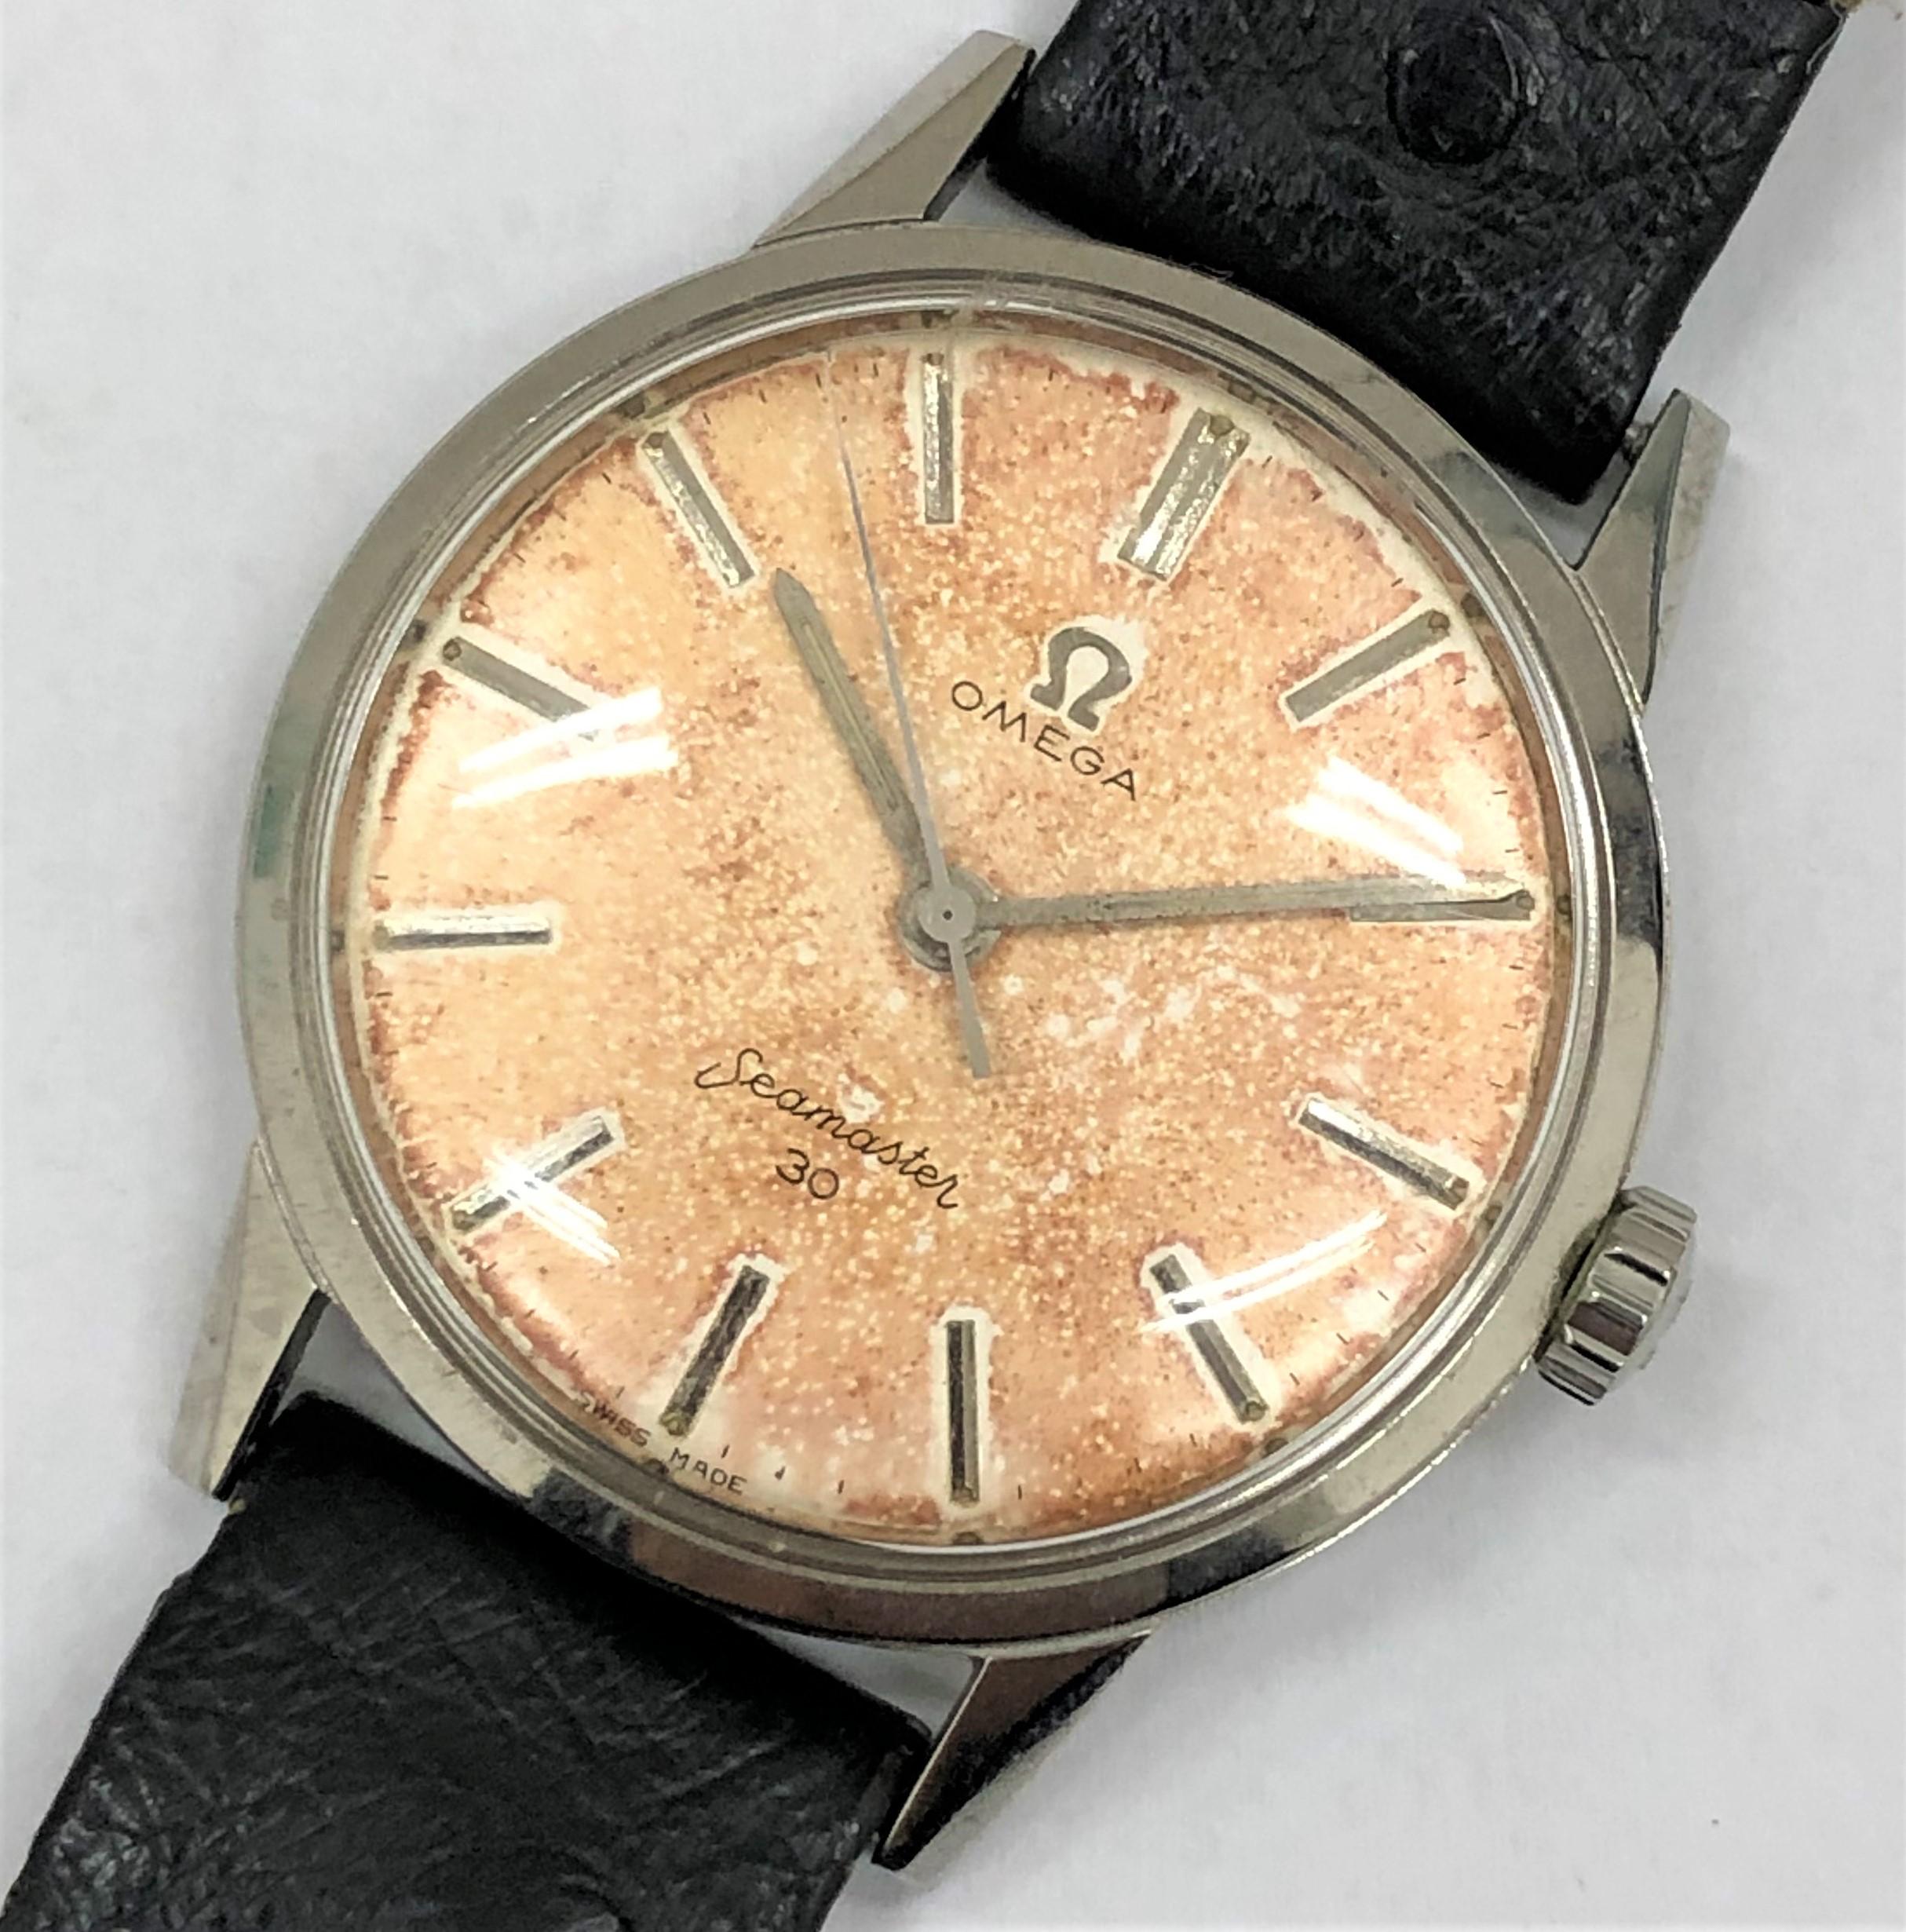 【OMEGA/オメガ】シーマスター30 ヴィンテージ 手巻き 腕時計 文字盤焼け有